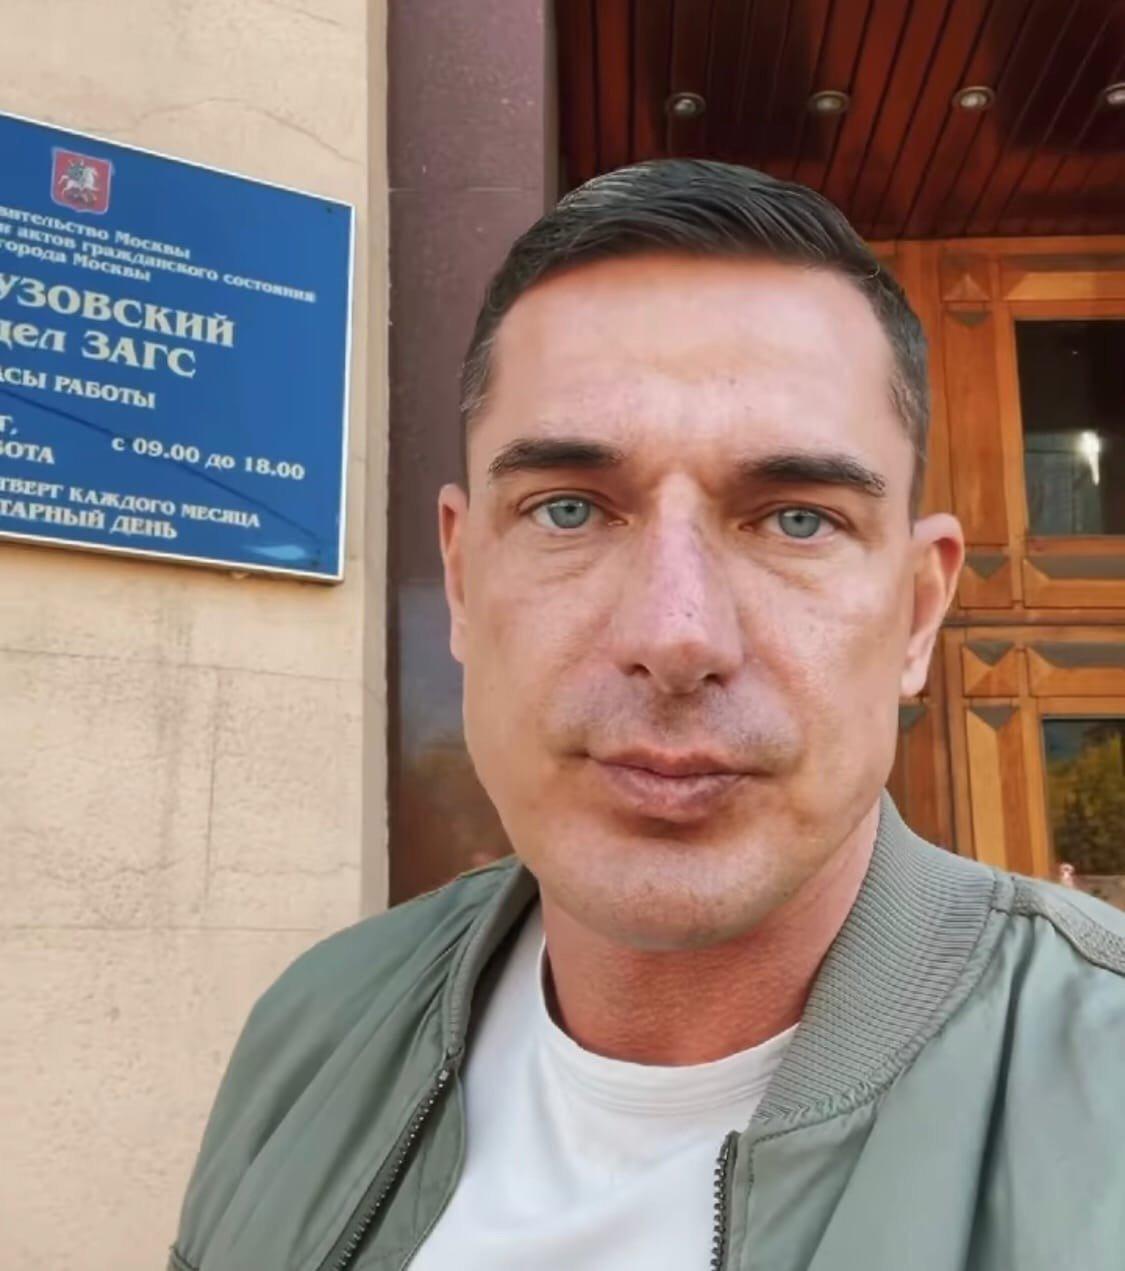 Курбан Омаров спровоцировал слухи о разводе с Ксенией Бородиной